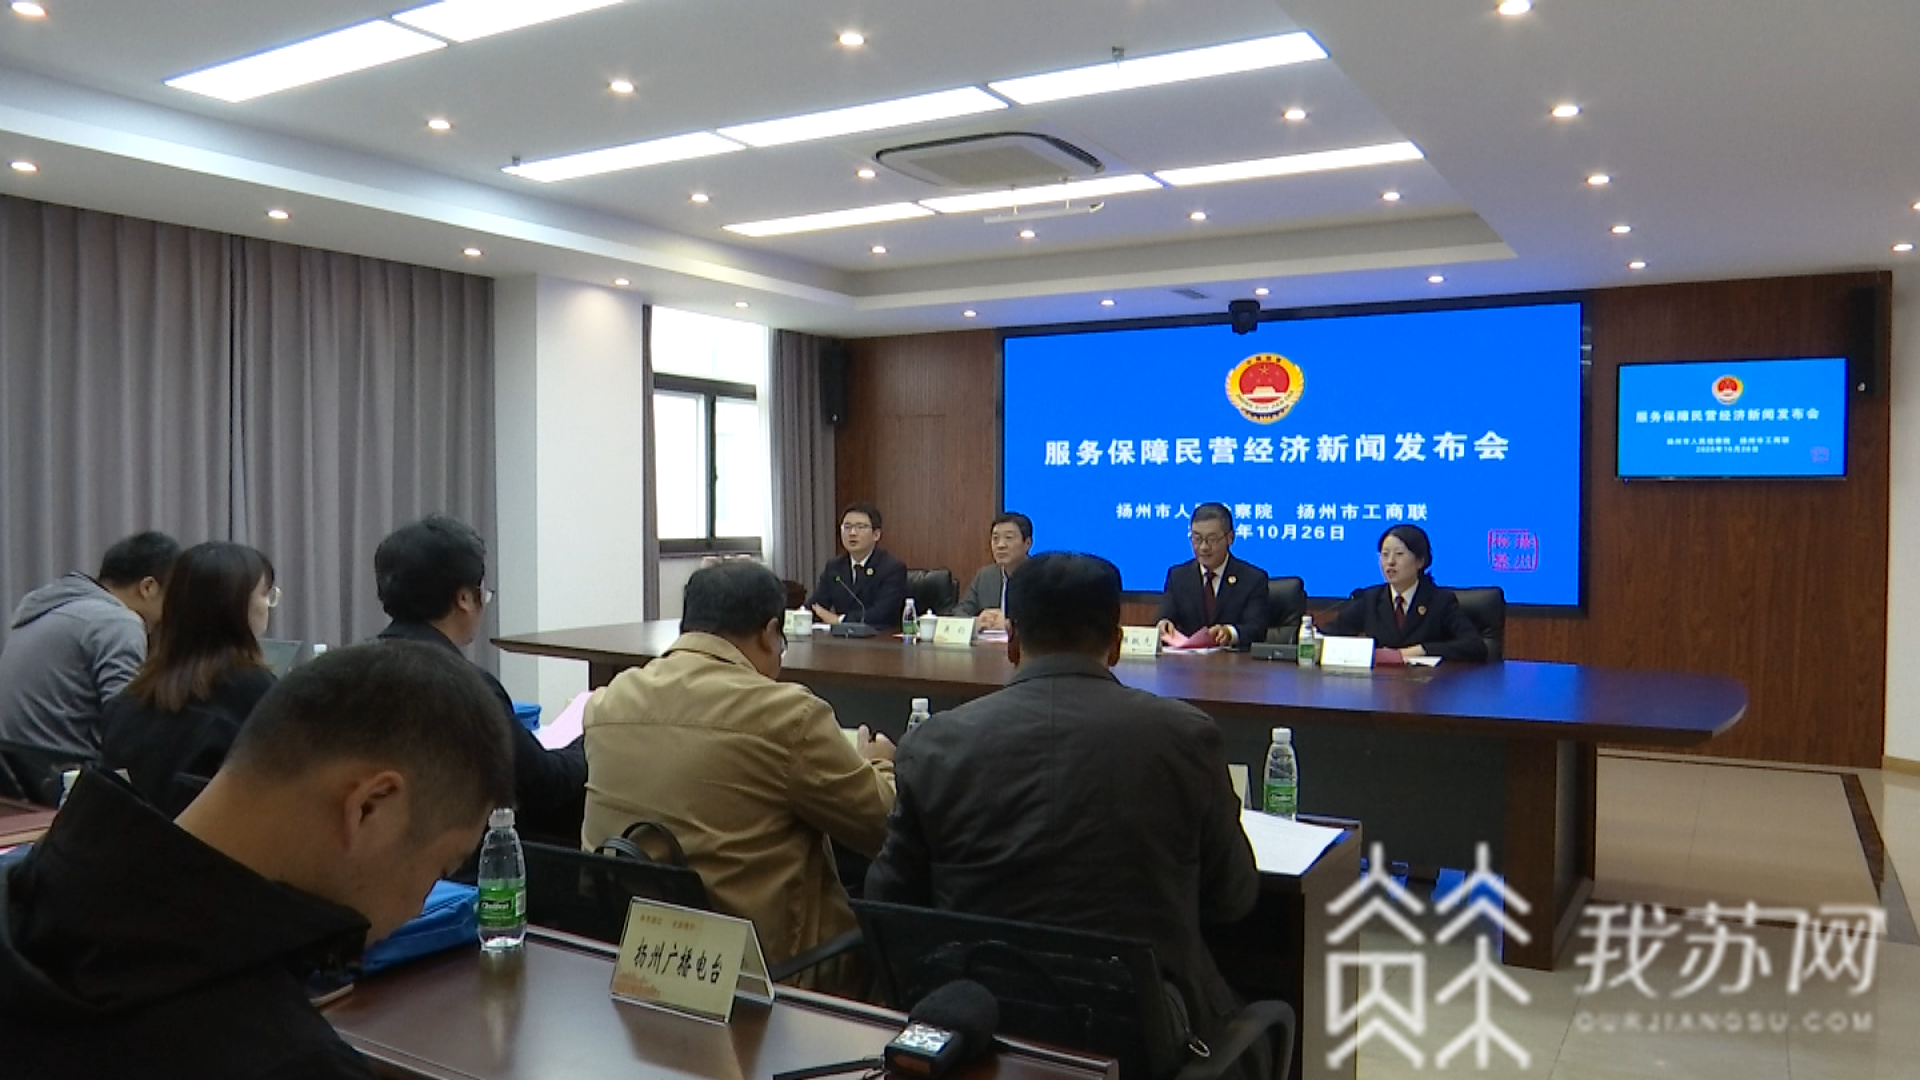 「复工」检察机关这样破解难题 扬州:社区矫正人员急于复工复产